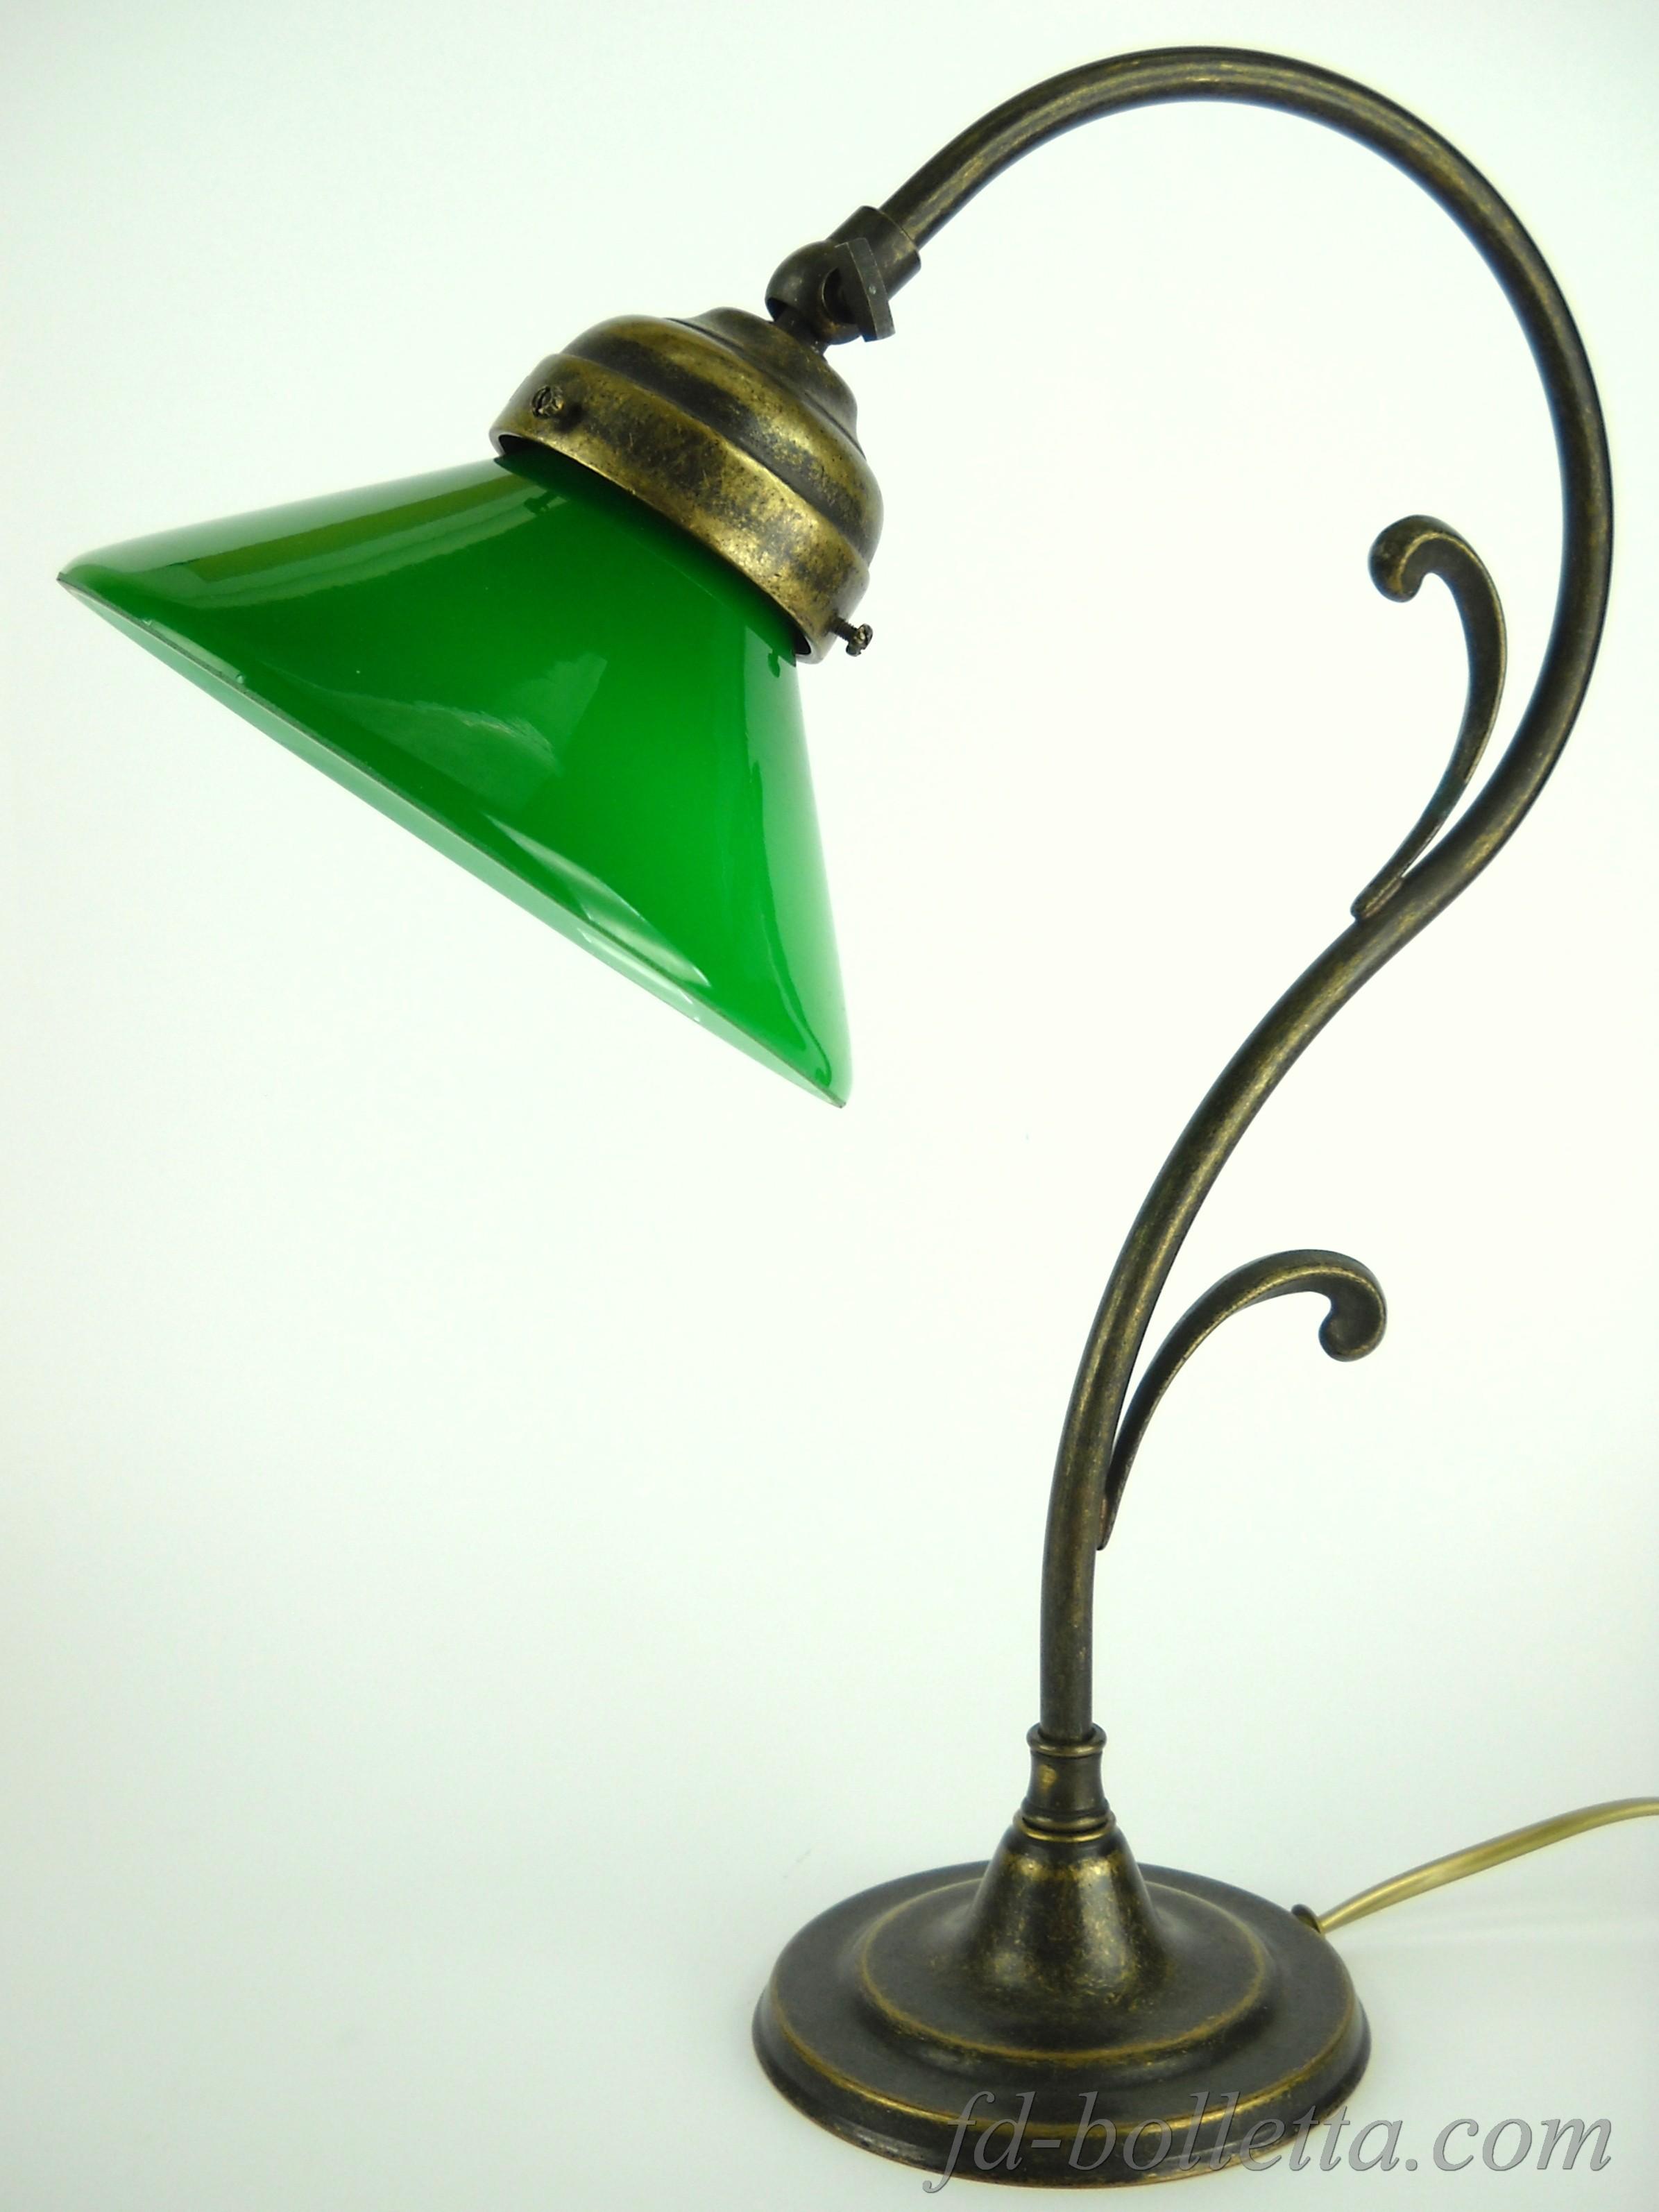 Lampada da tavolo vetro verde m33 fd bolletta lampade for Lampada da tavolo verde